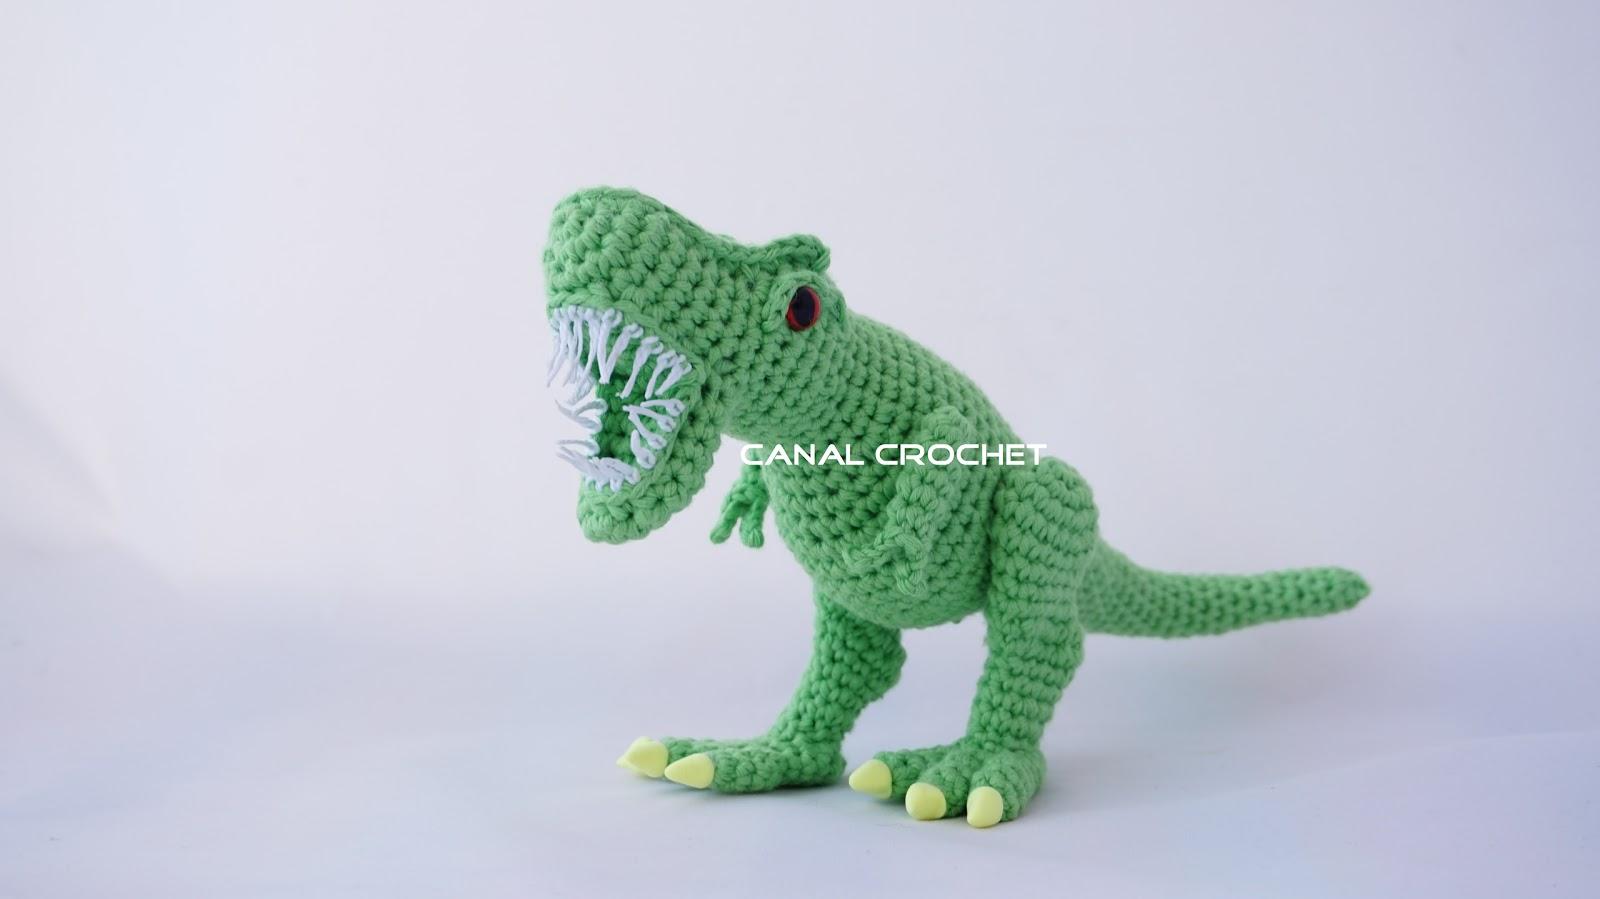 Dinosaurios Amigurumis Patrones Gratis : Canal crochet: dinosaurio rex amigurumi tutorial